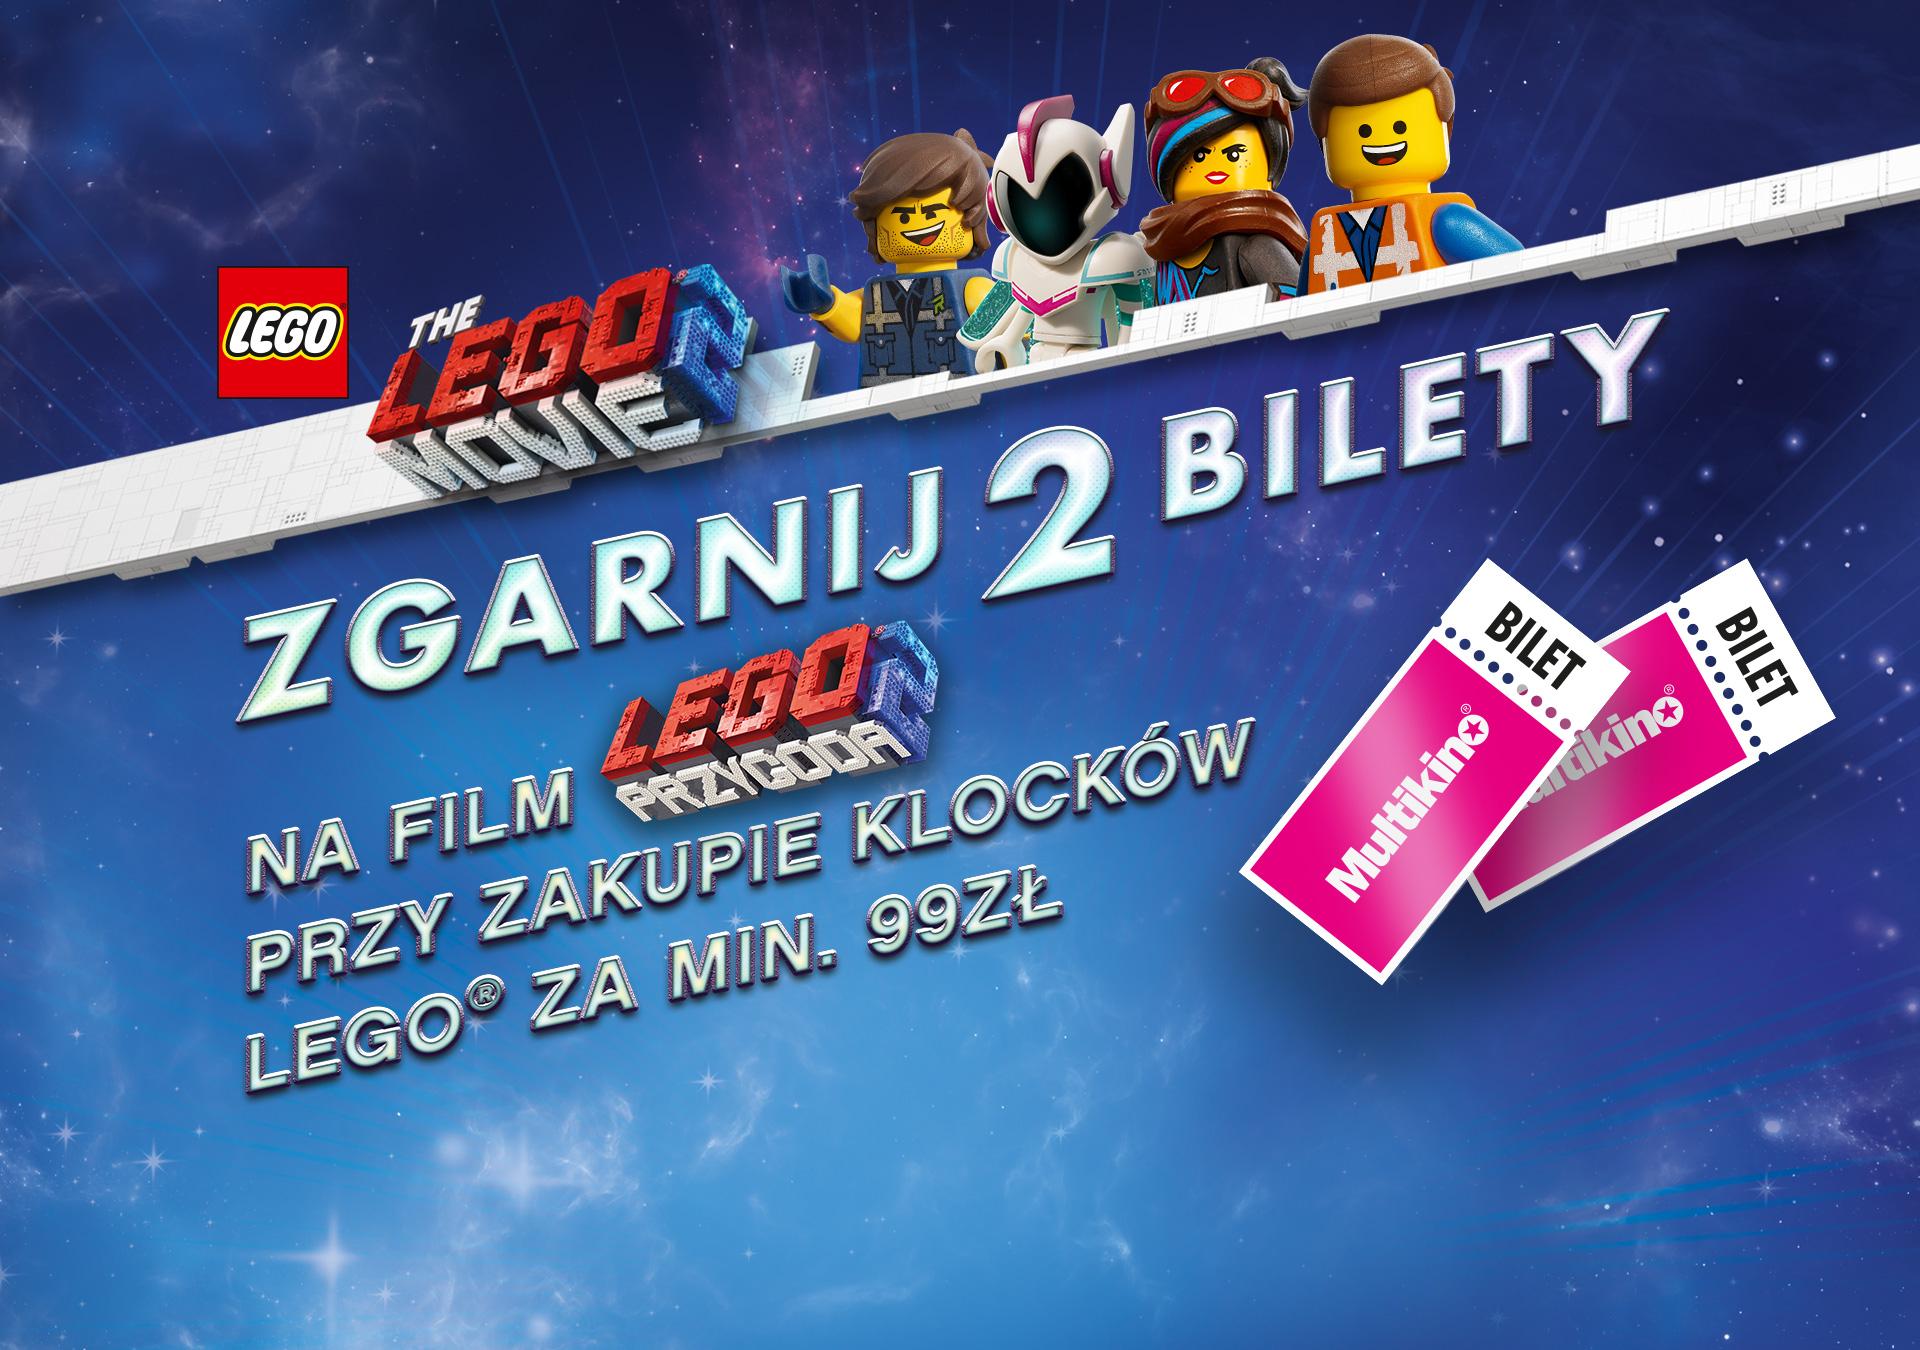 Dwa Bilety Na Film Lego Przygoda 2 Gratis Przy Zakupie Lego Za Min